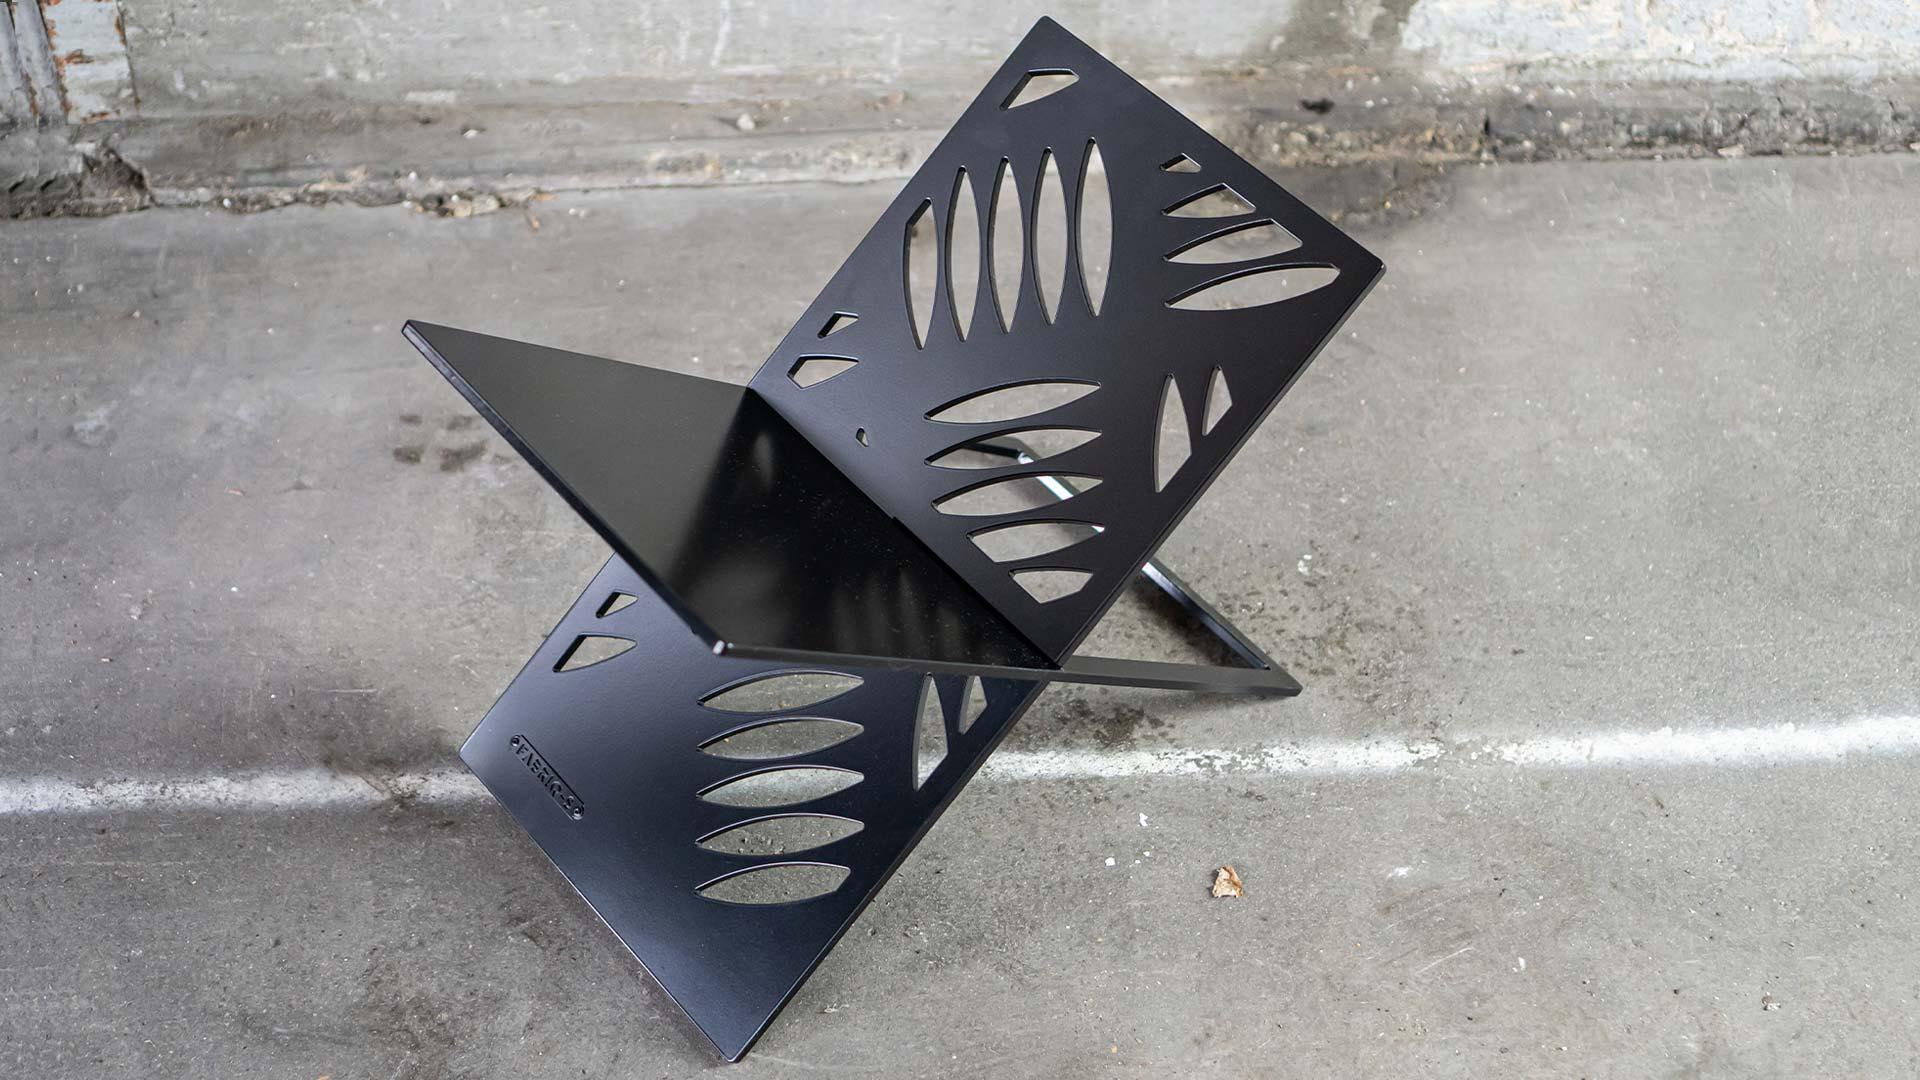 Krantenrek staal zwart design rek - YOUR X - FABRIQ-S - sfeerfoto full image